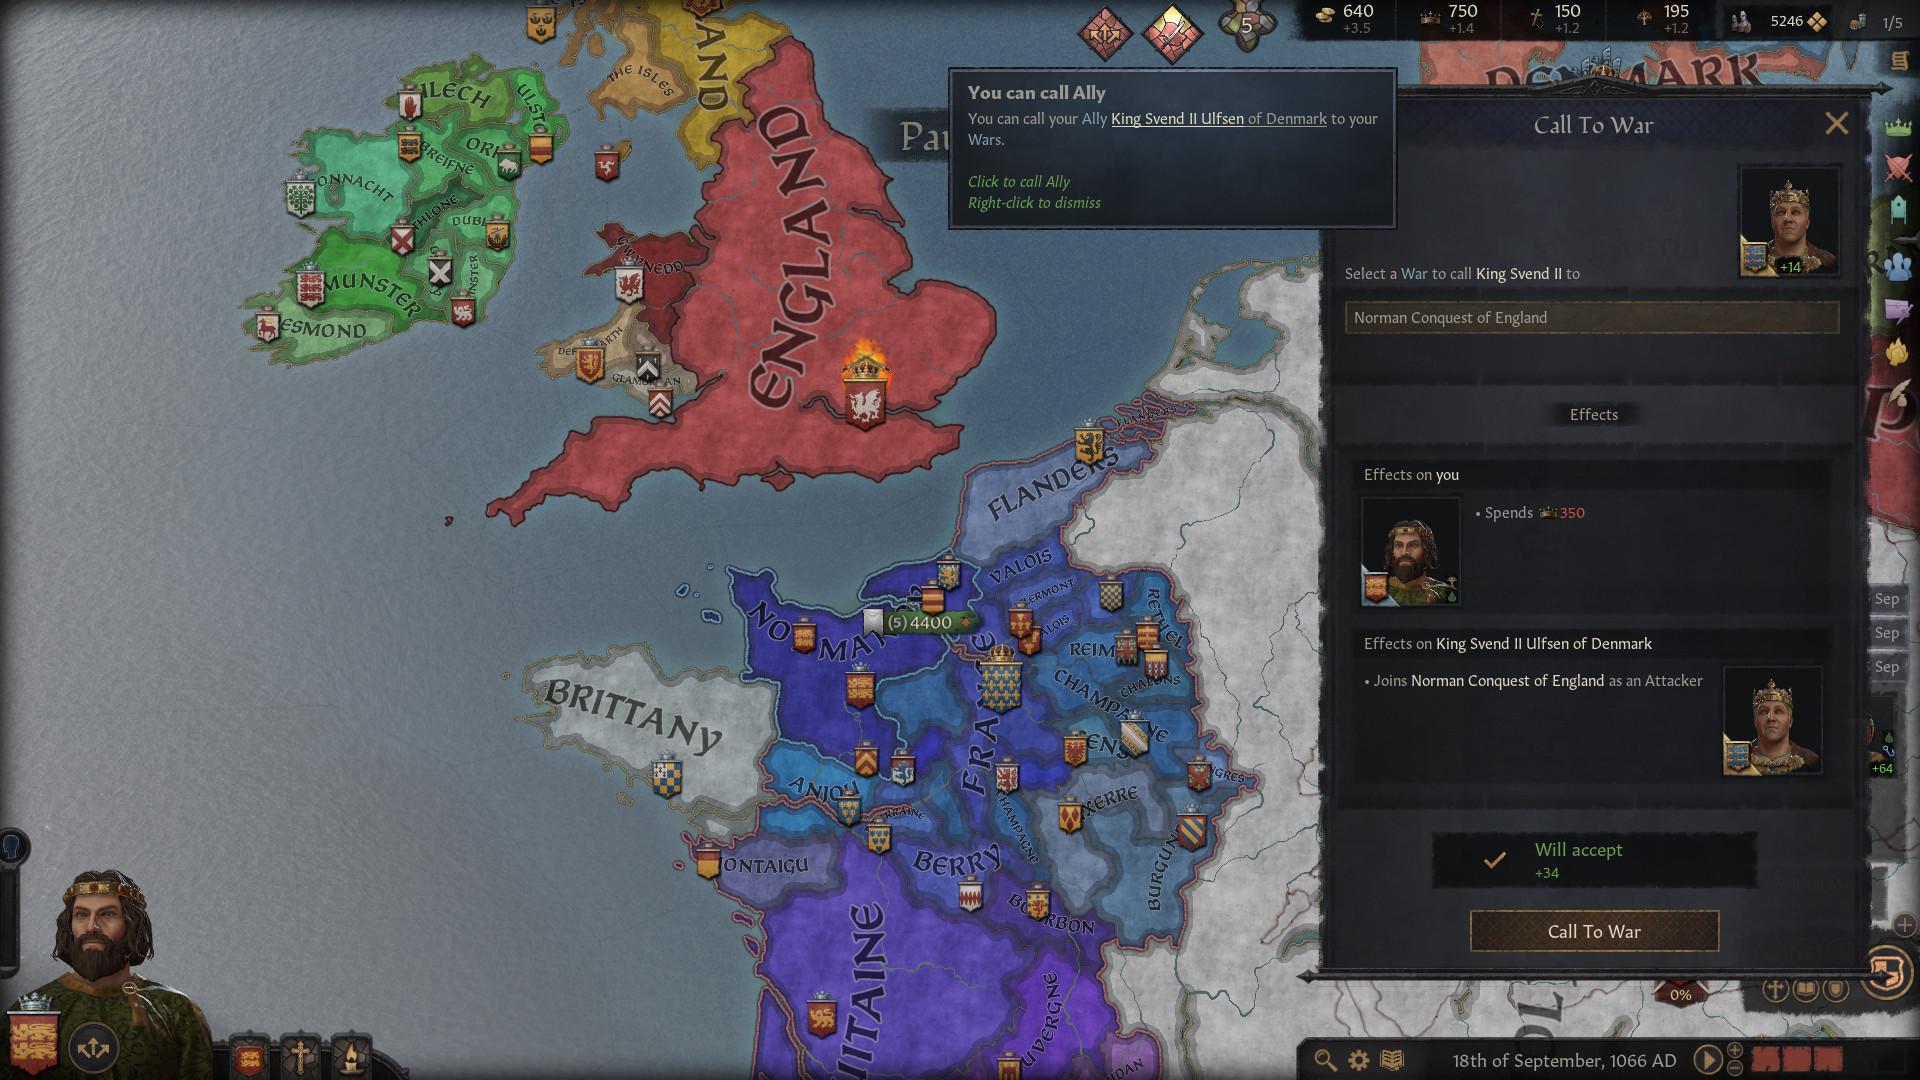 Una captura de pantalla de Crusader Kings 3 que muestra una alerta de aliado